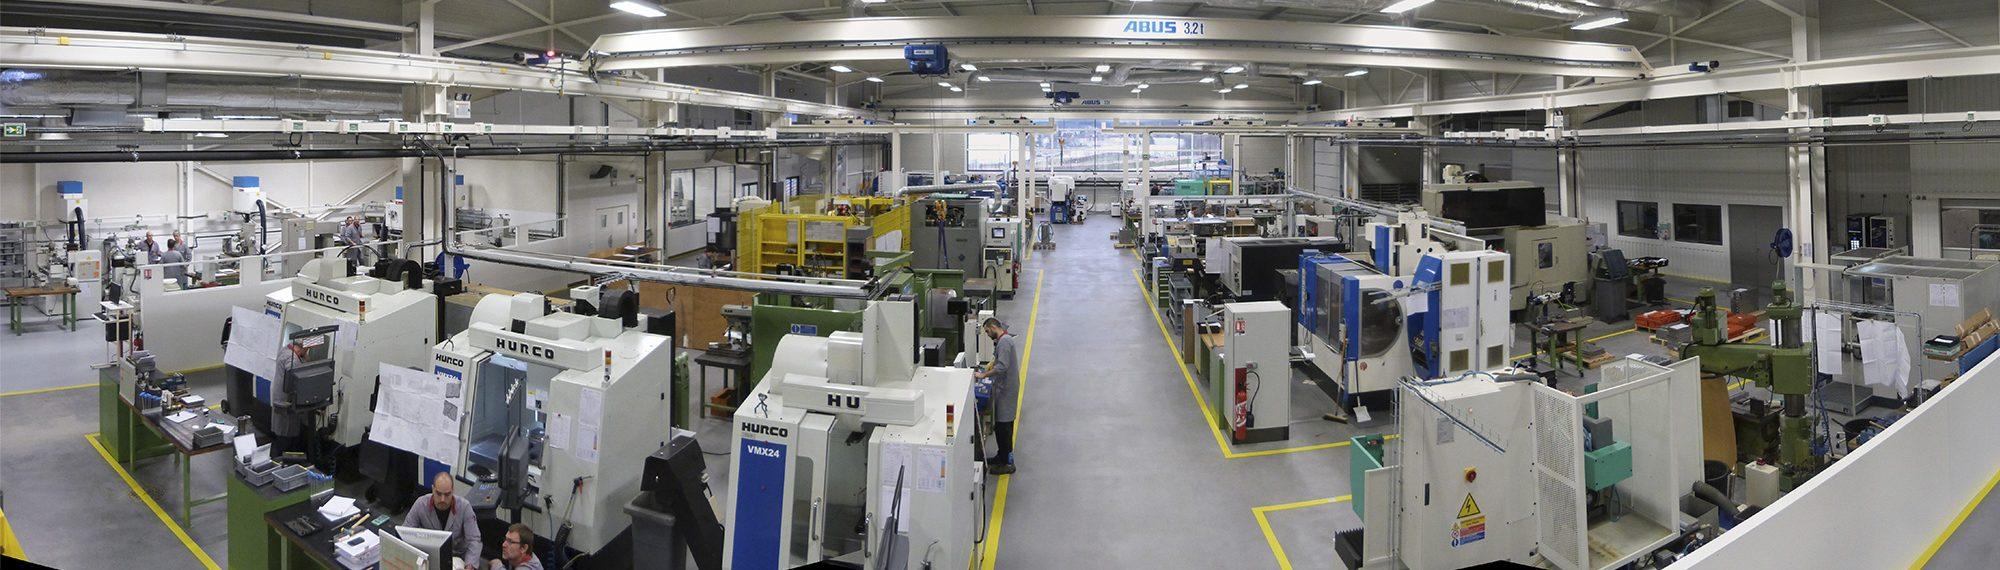 SMP - Fabricant & concepteur de moules de haute précision